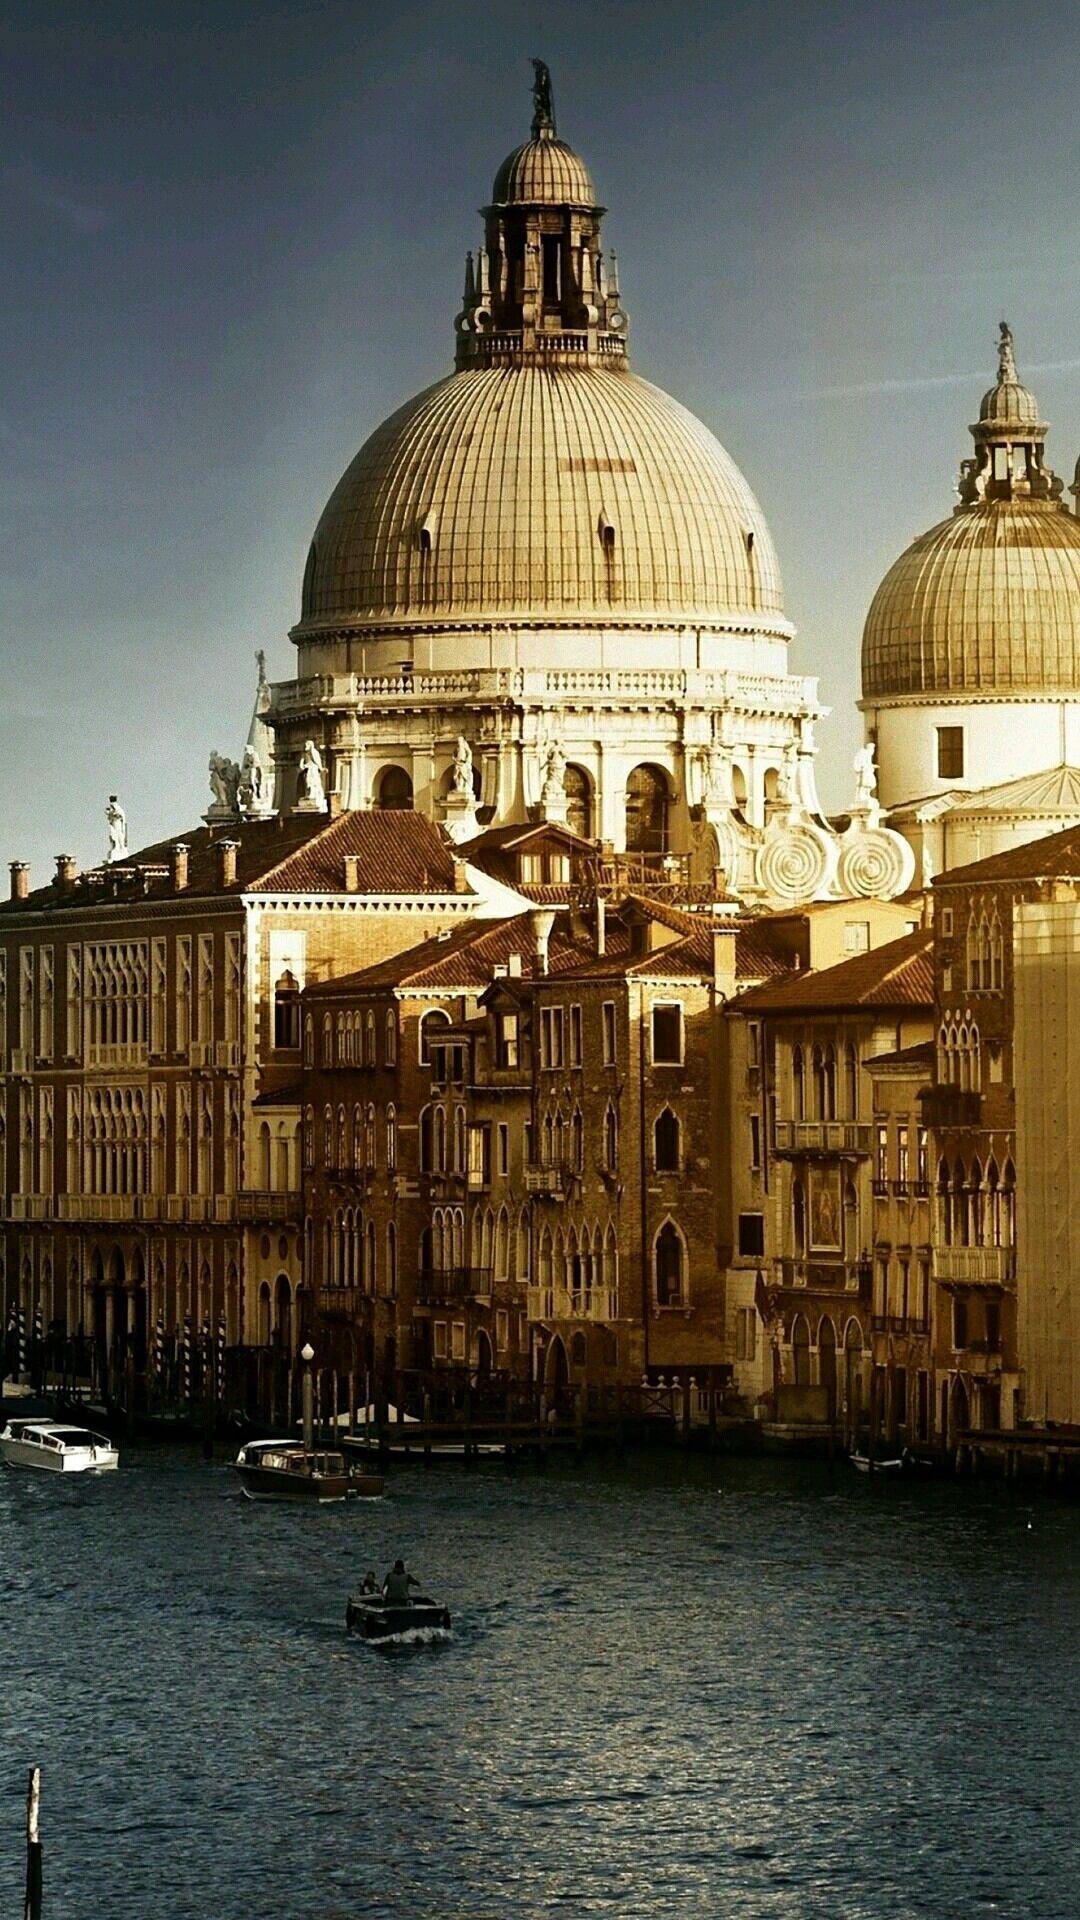 Pin by Sema Kececi on italy Venice city, Venice italy